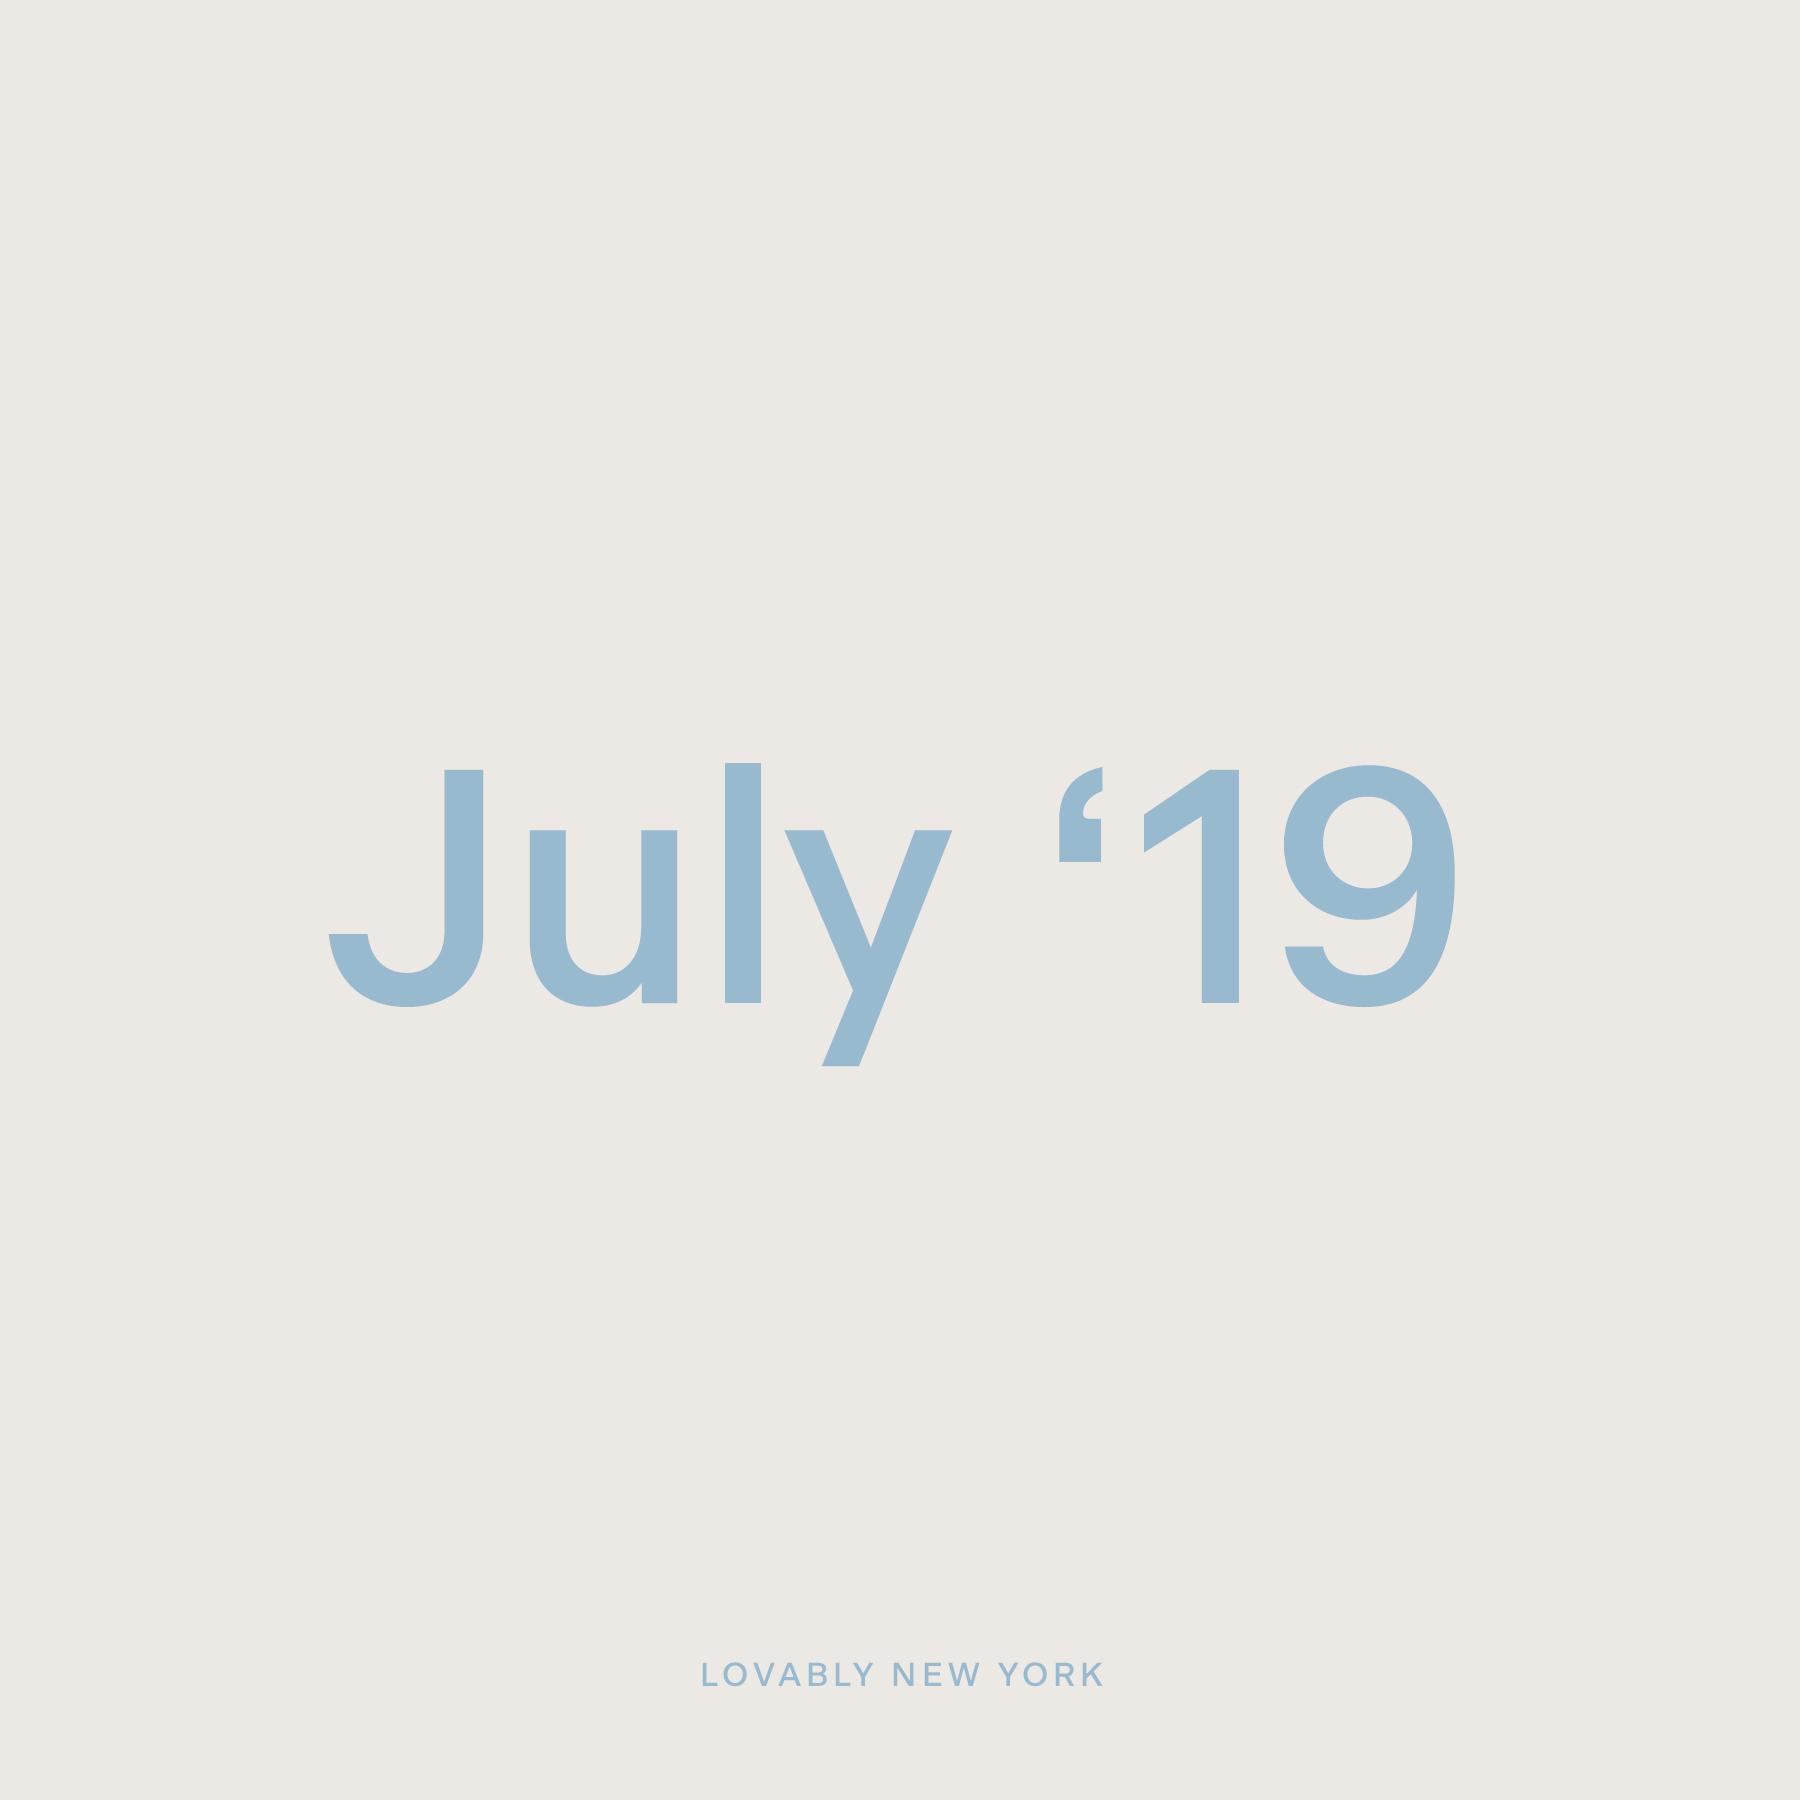 July '19